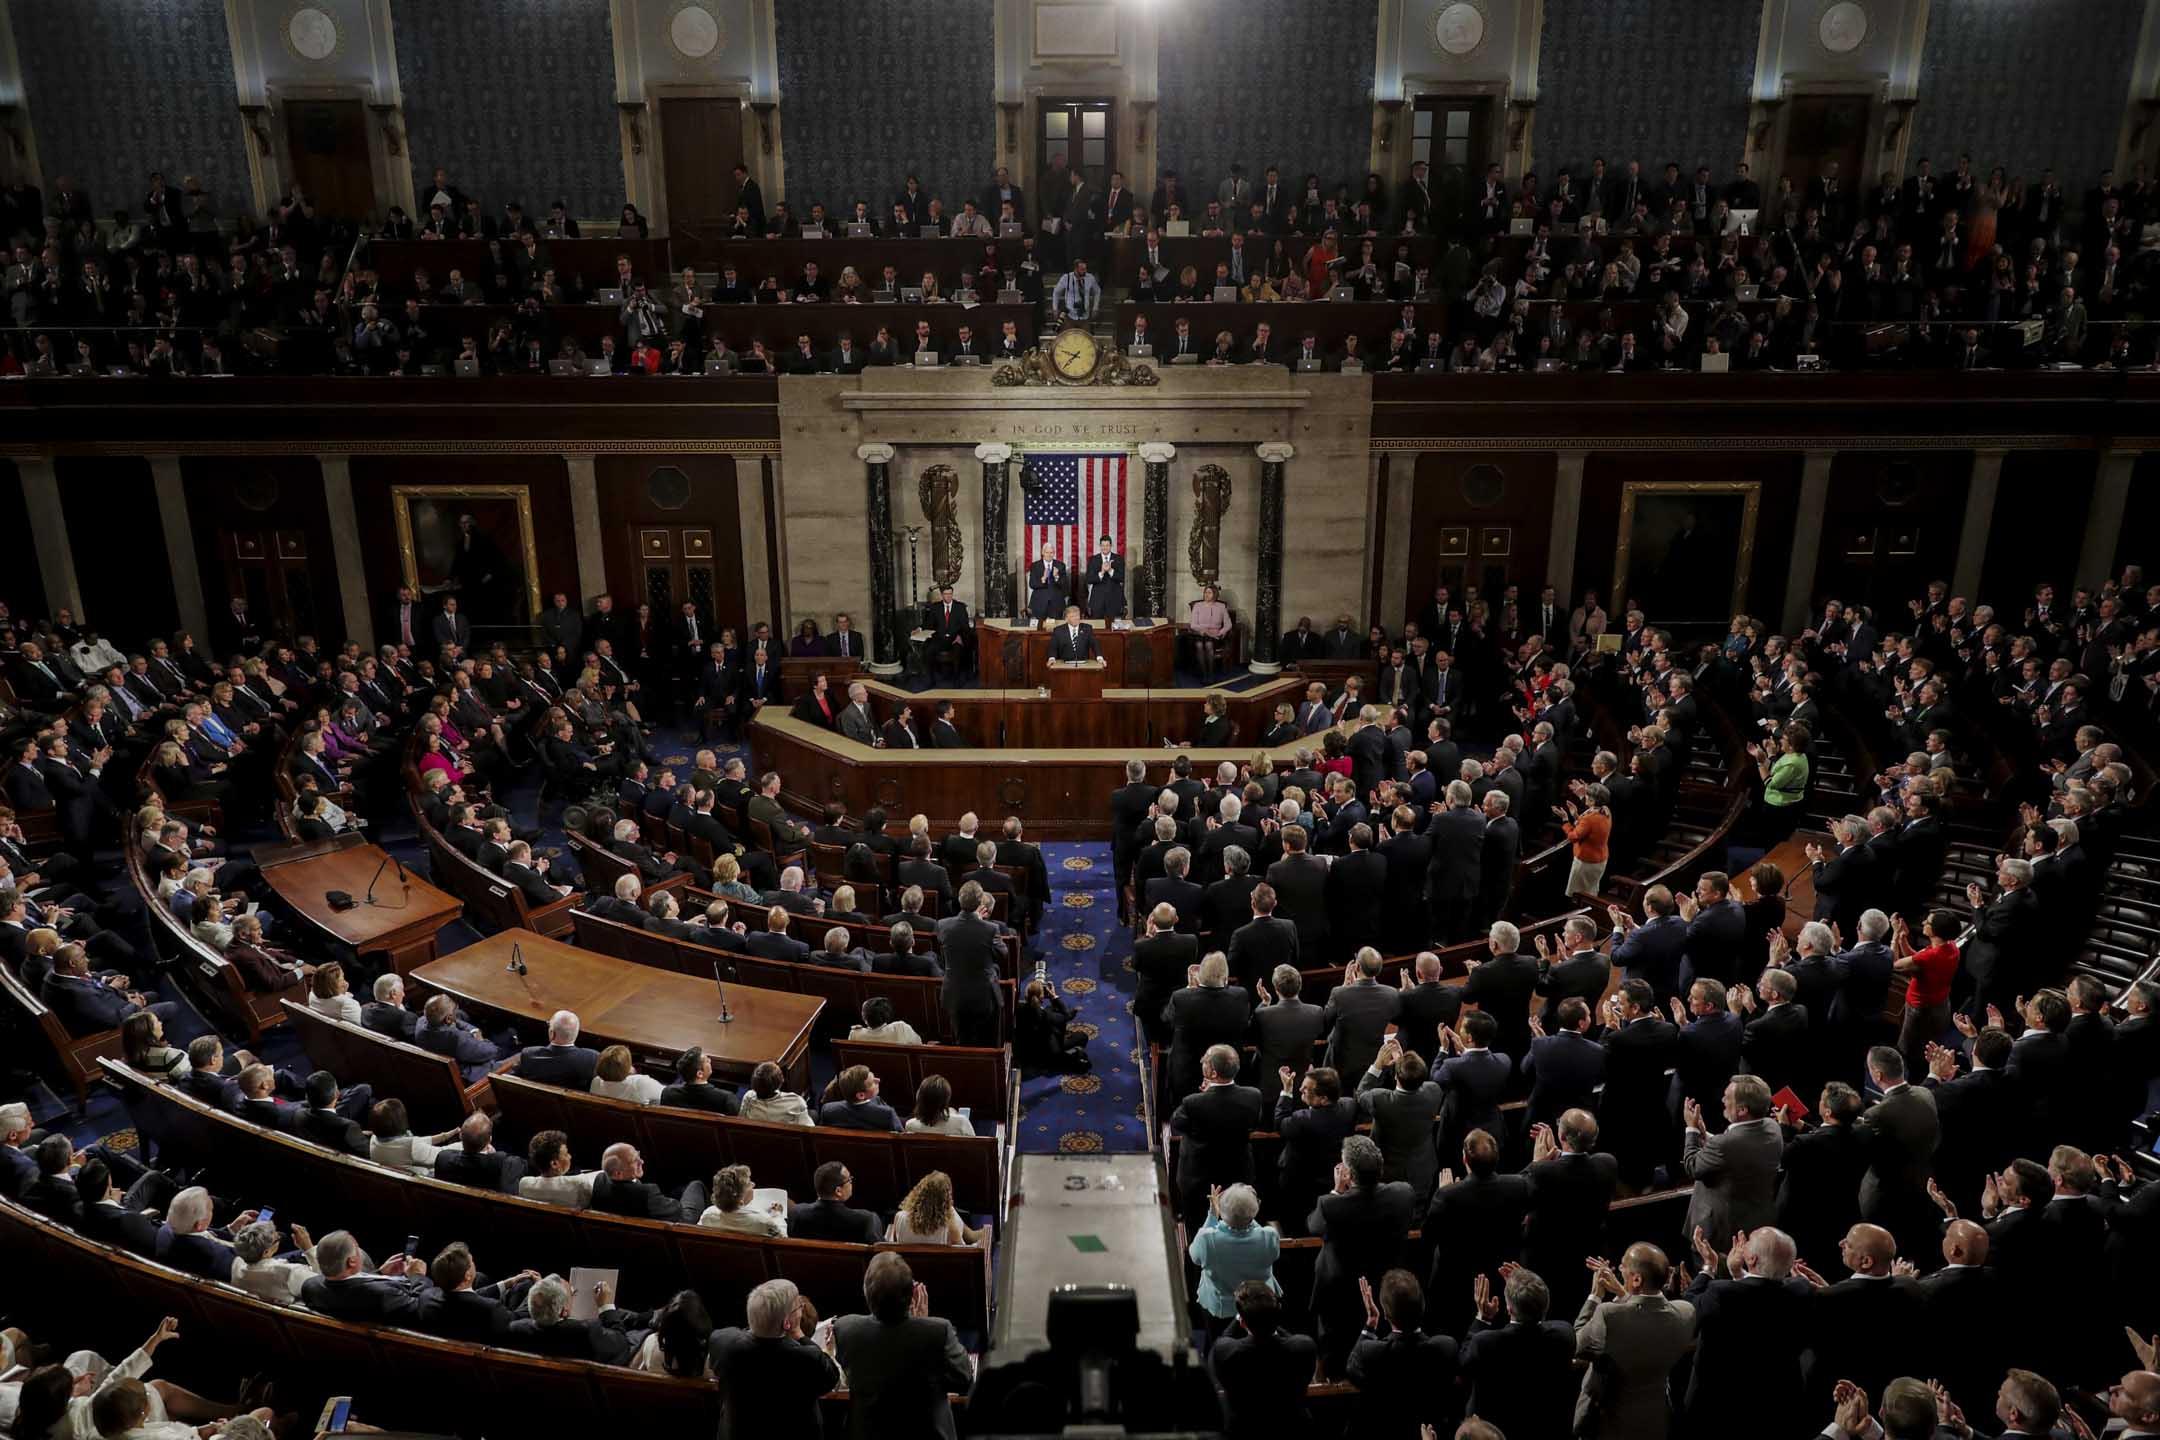 在參議院選舉中,候選人的個人魅力和品牌效應往往要比所在州的黨派屬性更為重要。這也是為何民主黨在面臨極其糟糕的選舉地圖的同時依然能保持着強勁的勢頭。 圖為2017年2月28日,美國總統特朗普在參議院發表演講。 攝:Chip Somodevilla/Getty Images